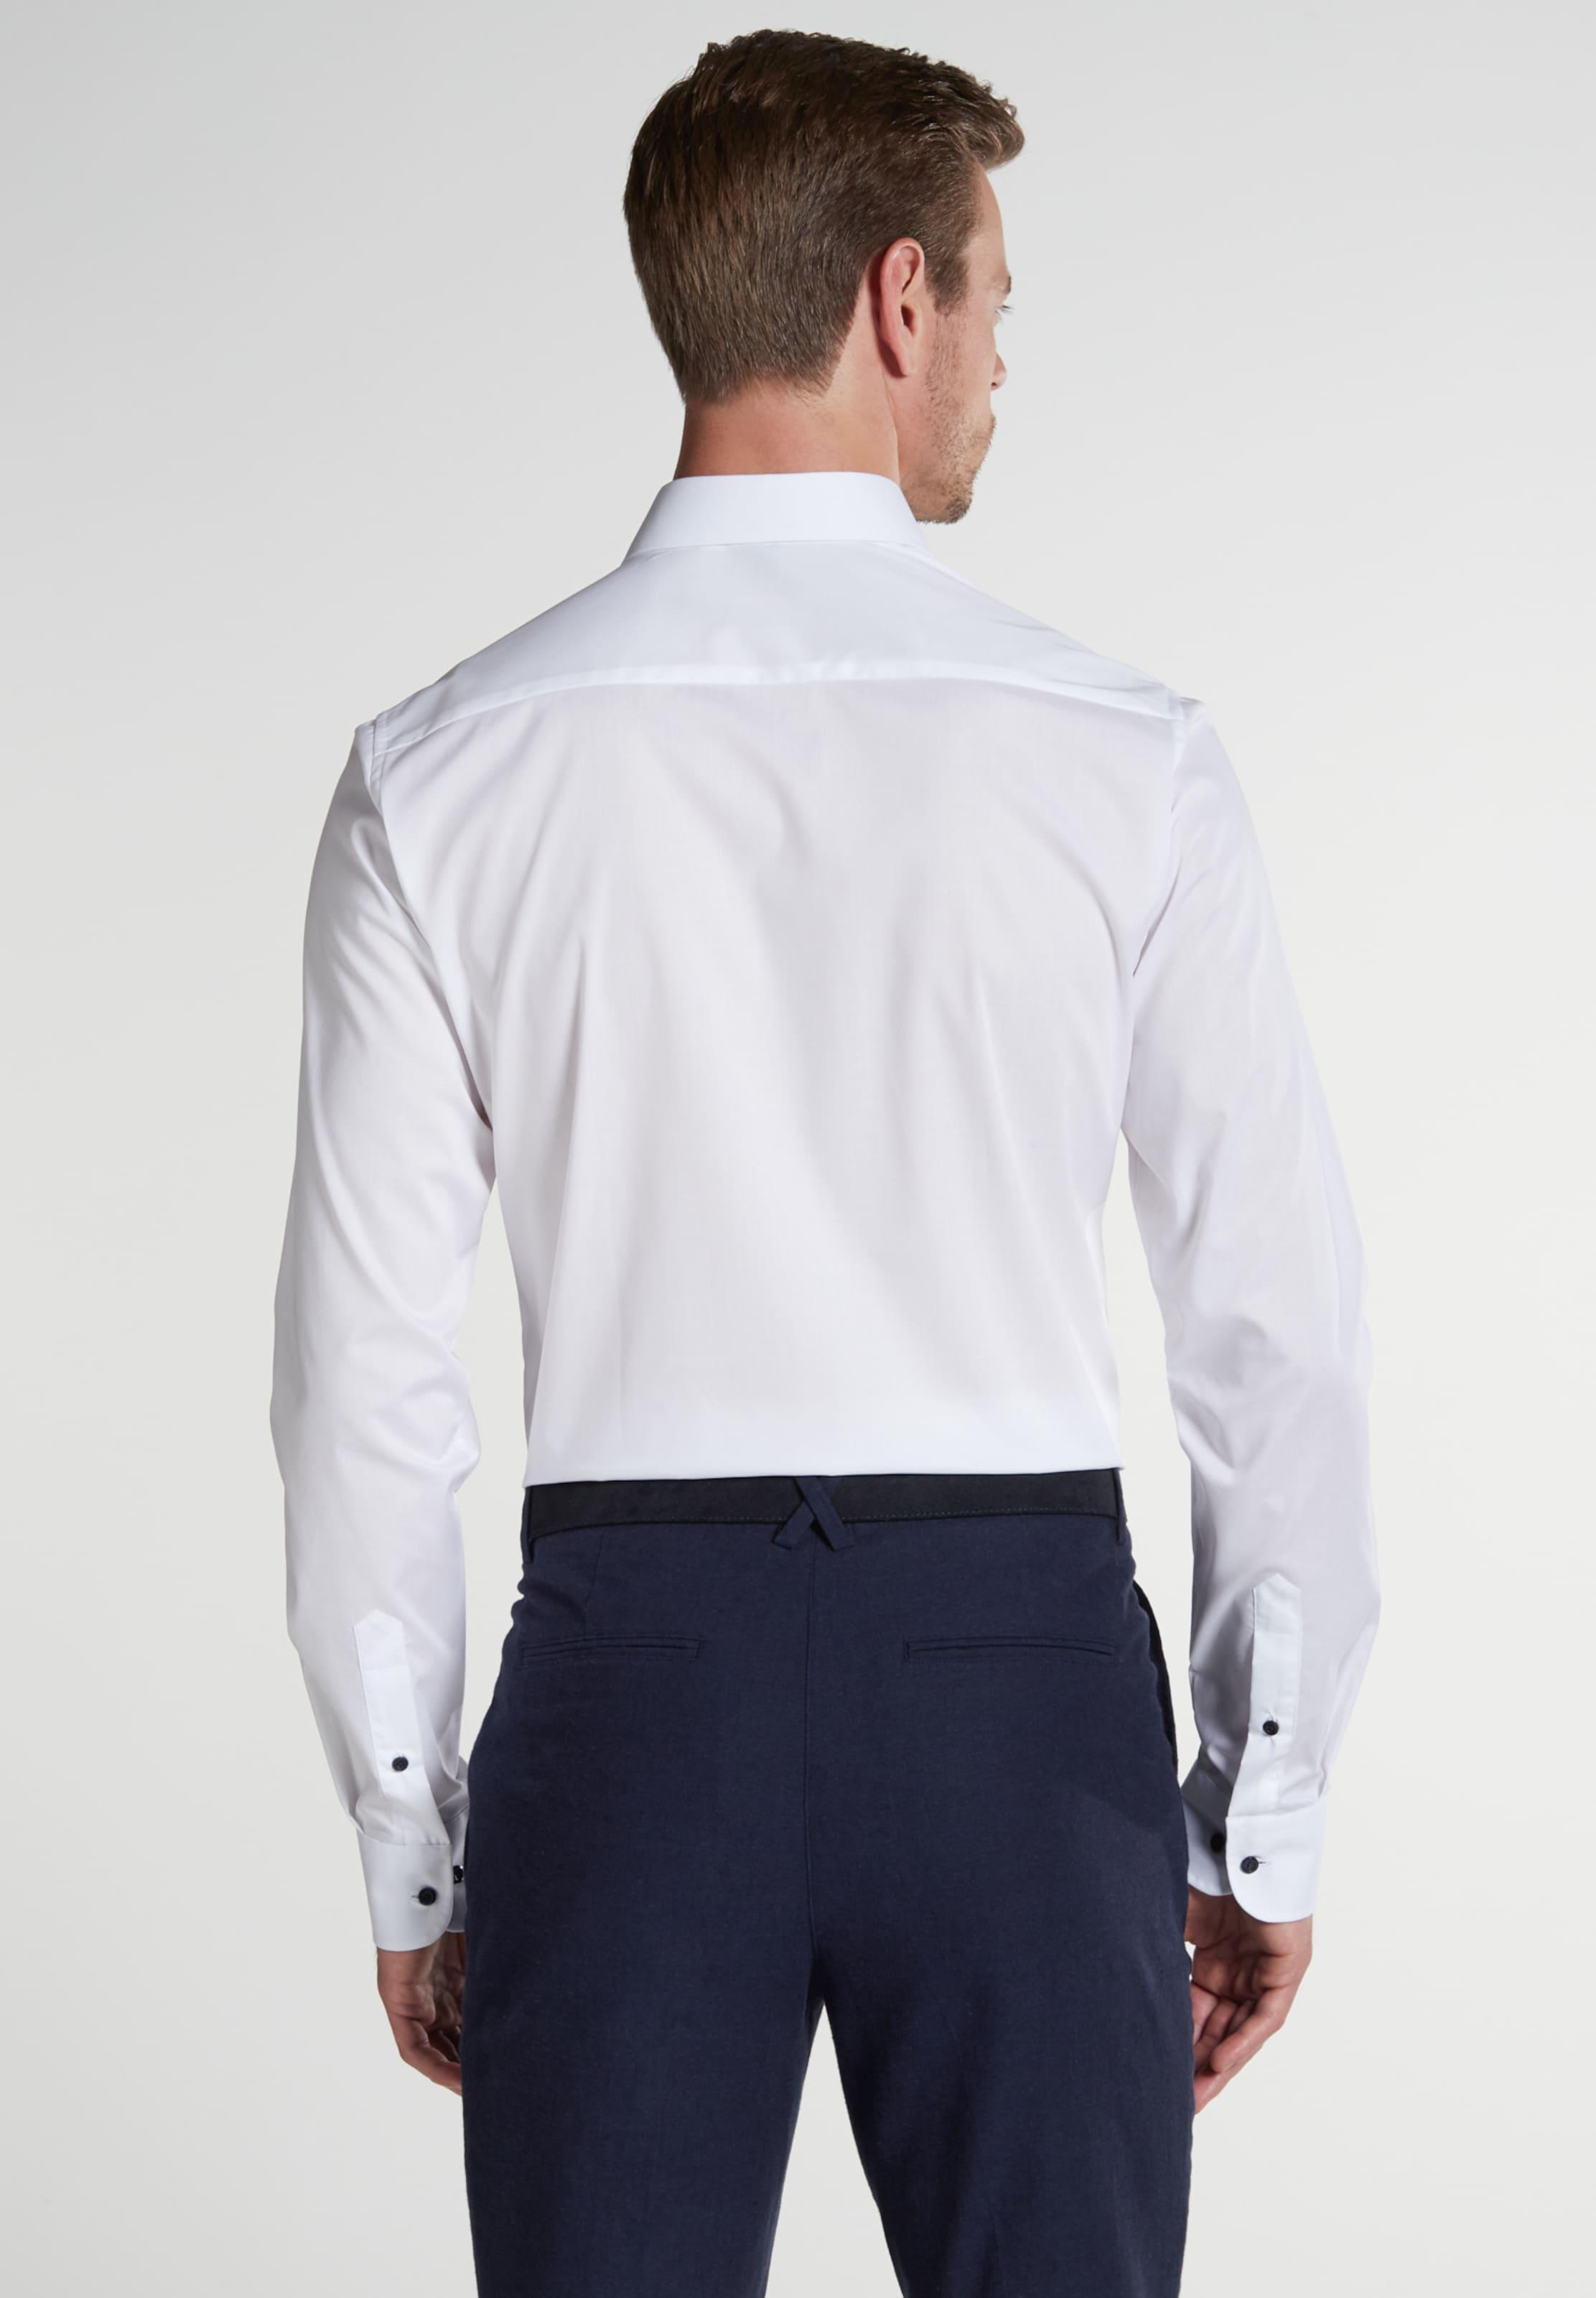 Eterna Eterna Eterna Hemd Hemd In Eterna Weiß Weiß In Weiß Hemd In Rj54AL3